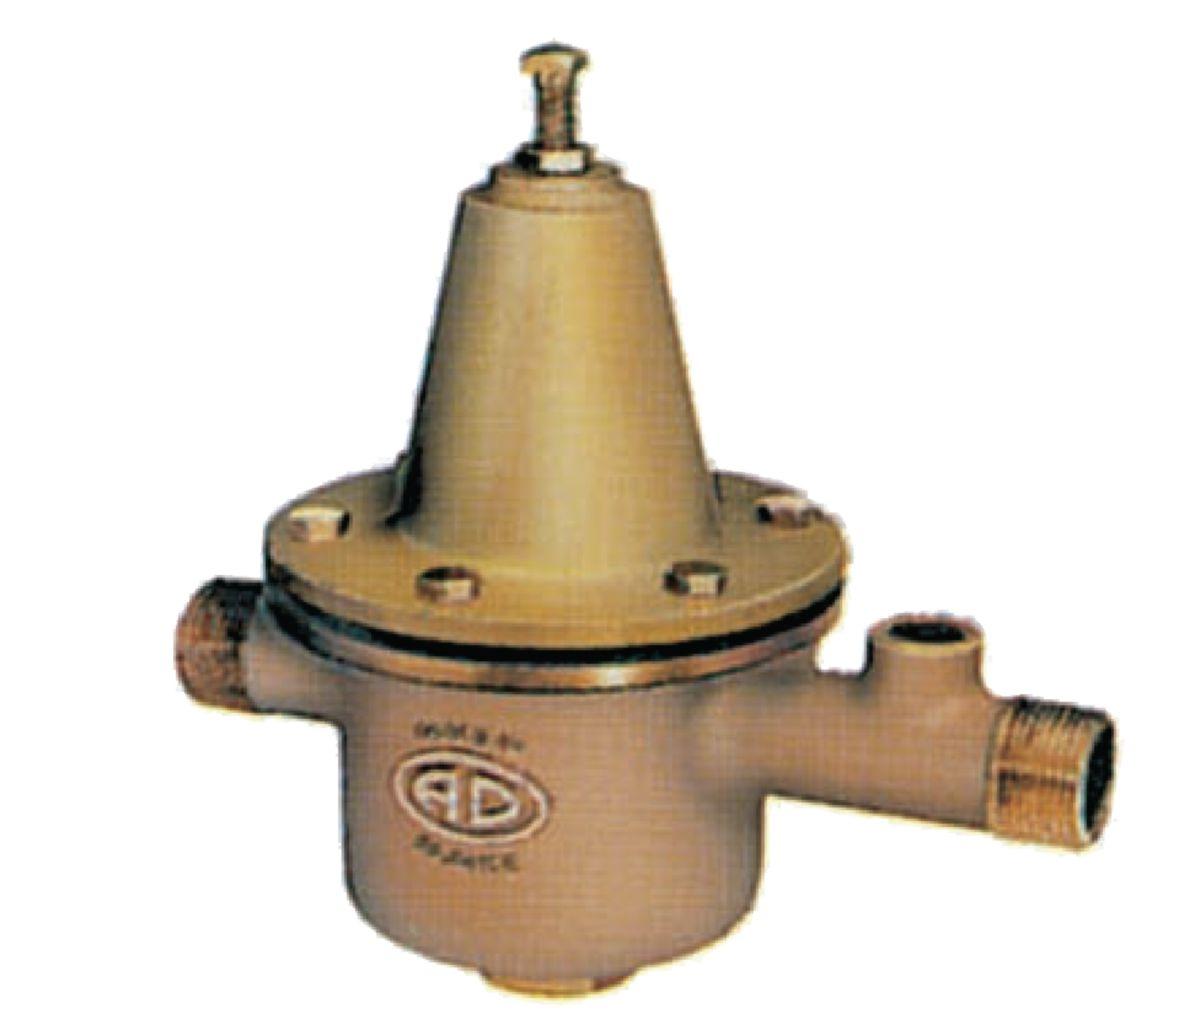 Réducteur de pression SOCLA 10 mâle mâle 20X27